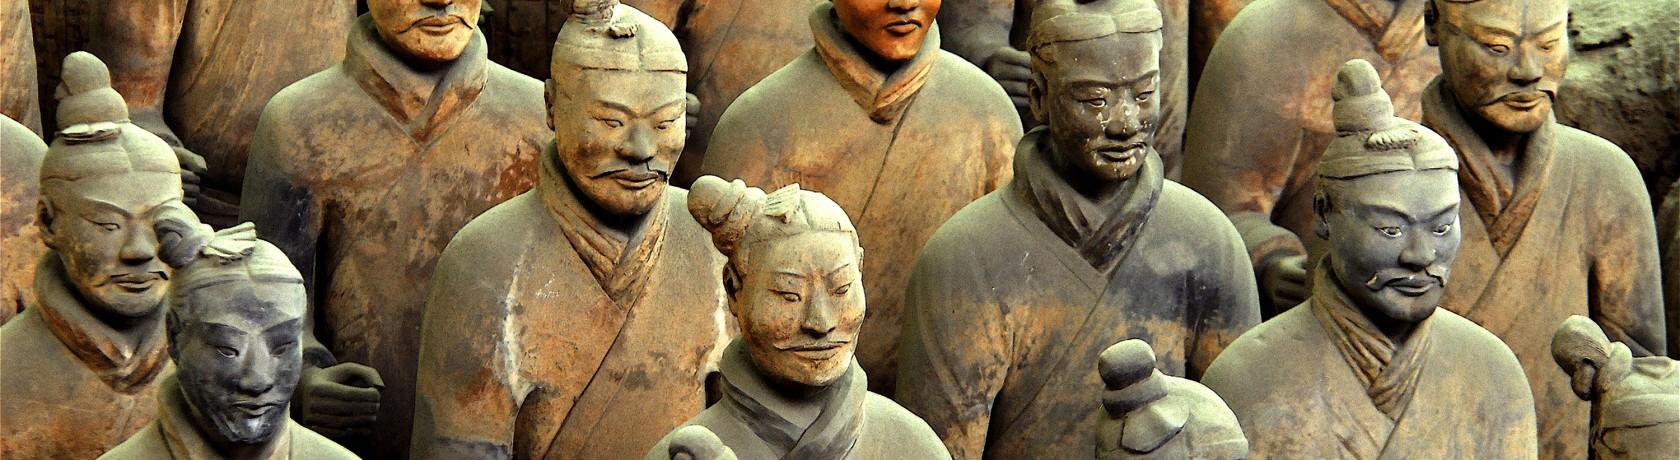 Терракотовая китайская армия. Фото: roughguides.com